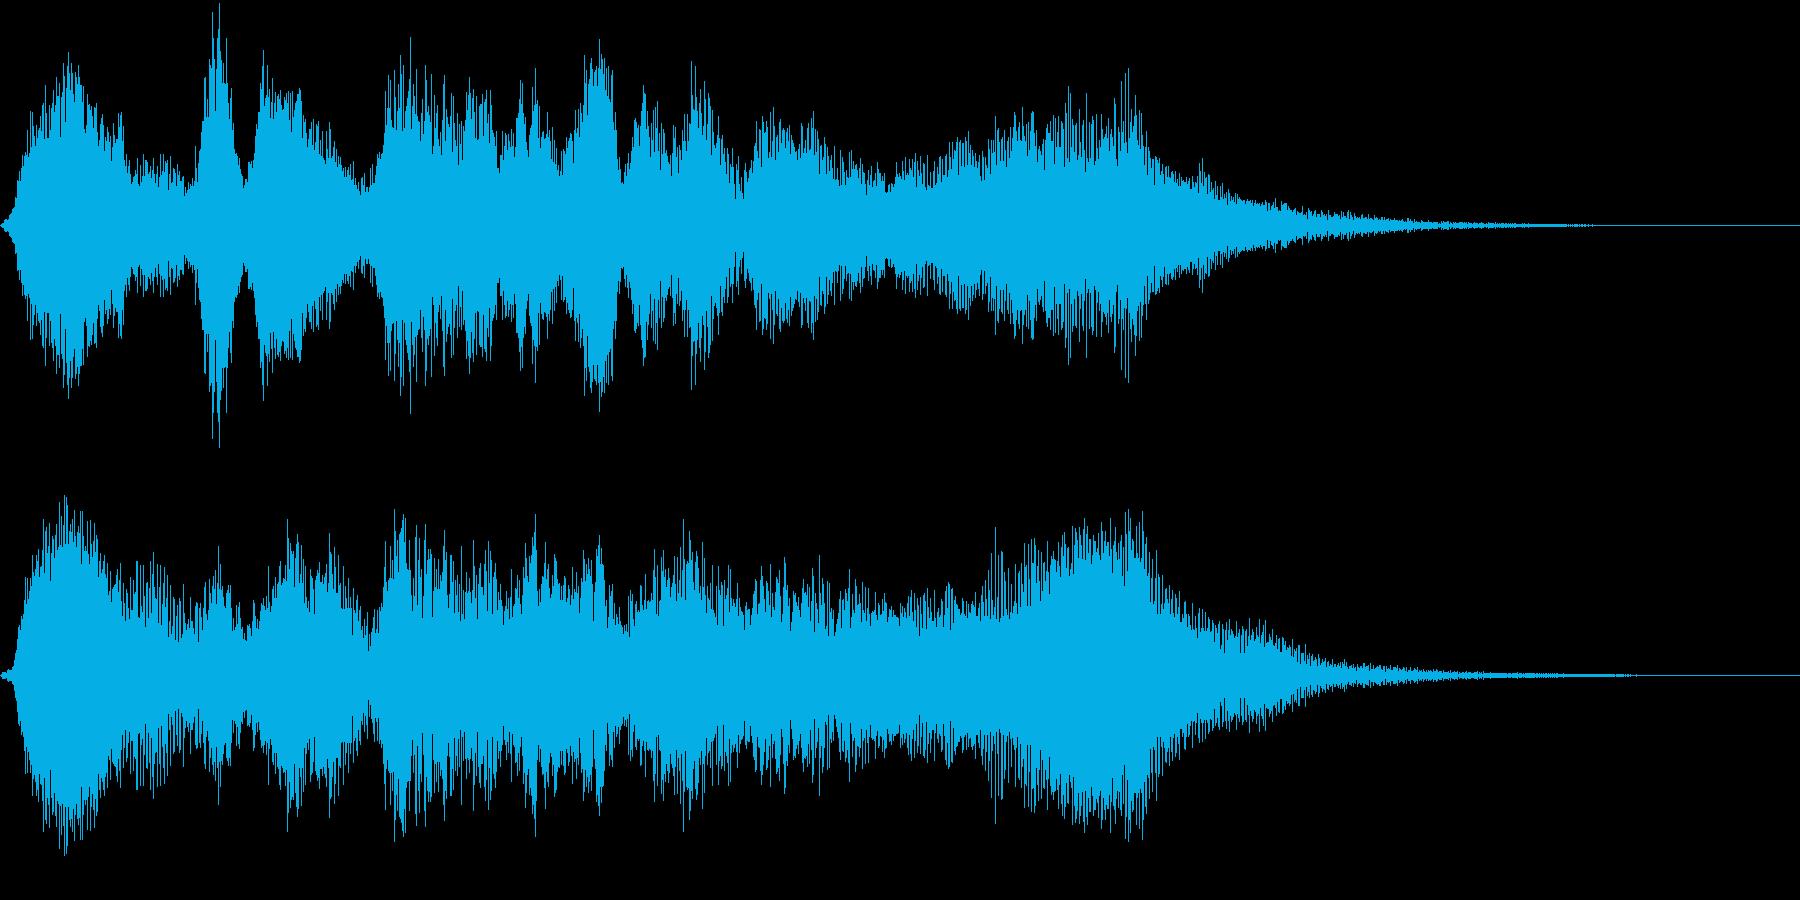 リアル弦楽四重奏のバロック調サウンドの再生済みの波形